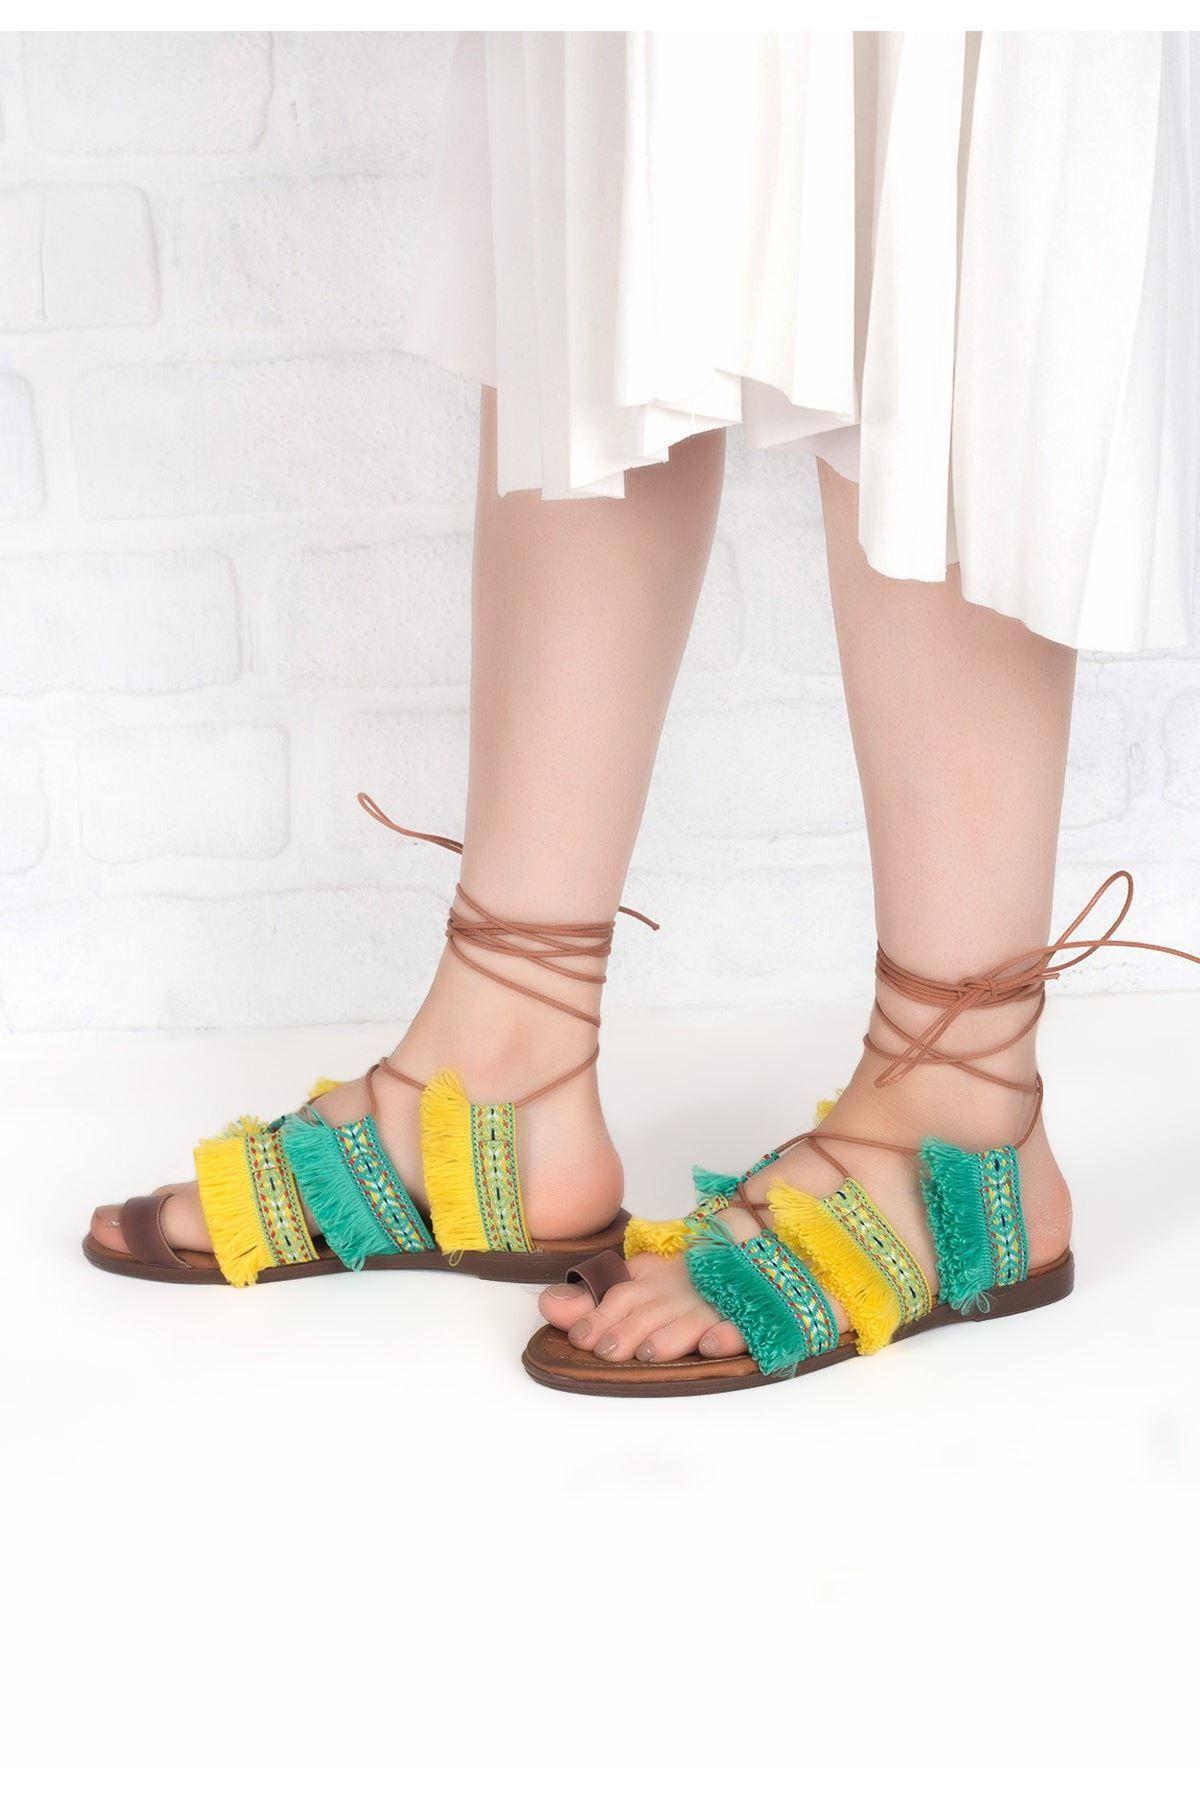 Efisio Sari Yesil Renkli Bilekten Baglamali Bayan Sandalet Ayakkabi Sandalet Ayakkabilar Bayan Ayakkabi